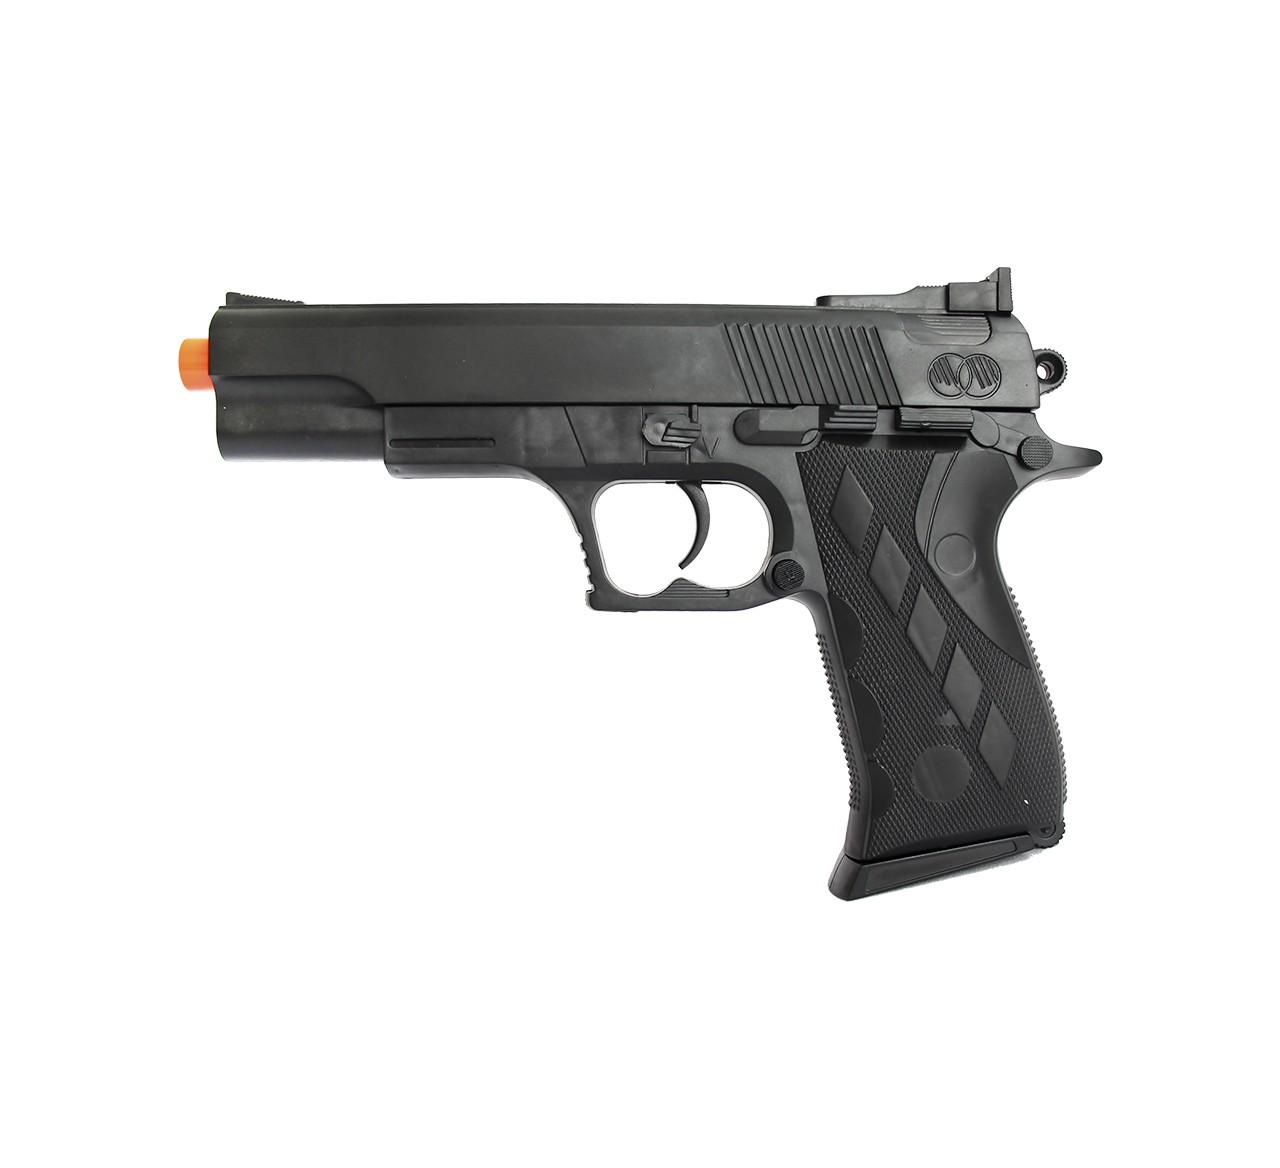 Pistola Airsoft Spring VG 1911SW-2122A1 Mola